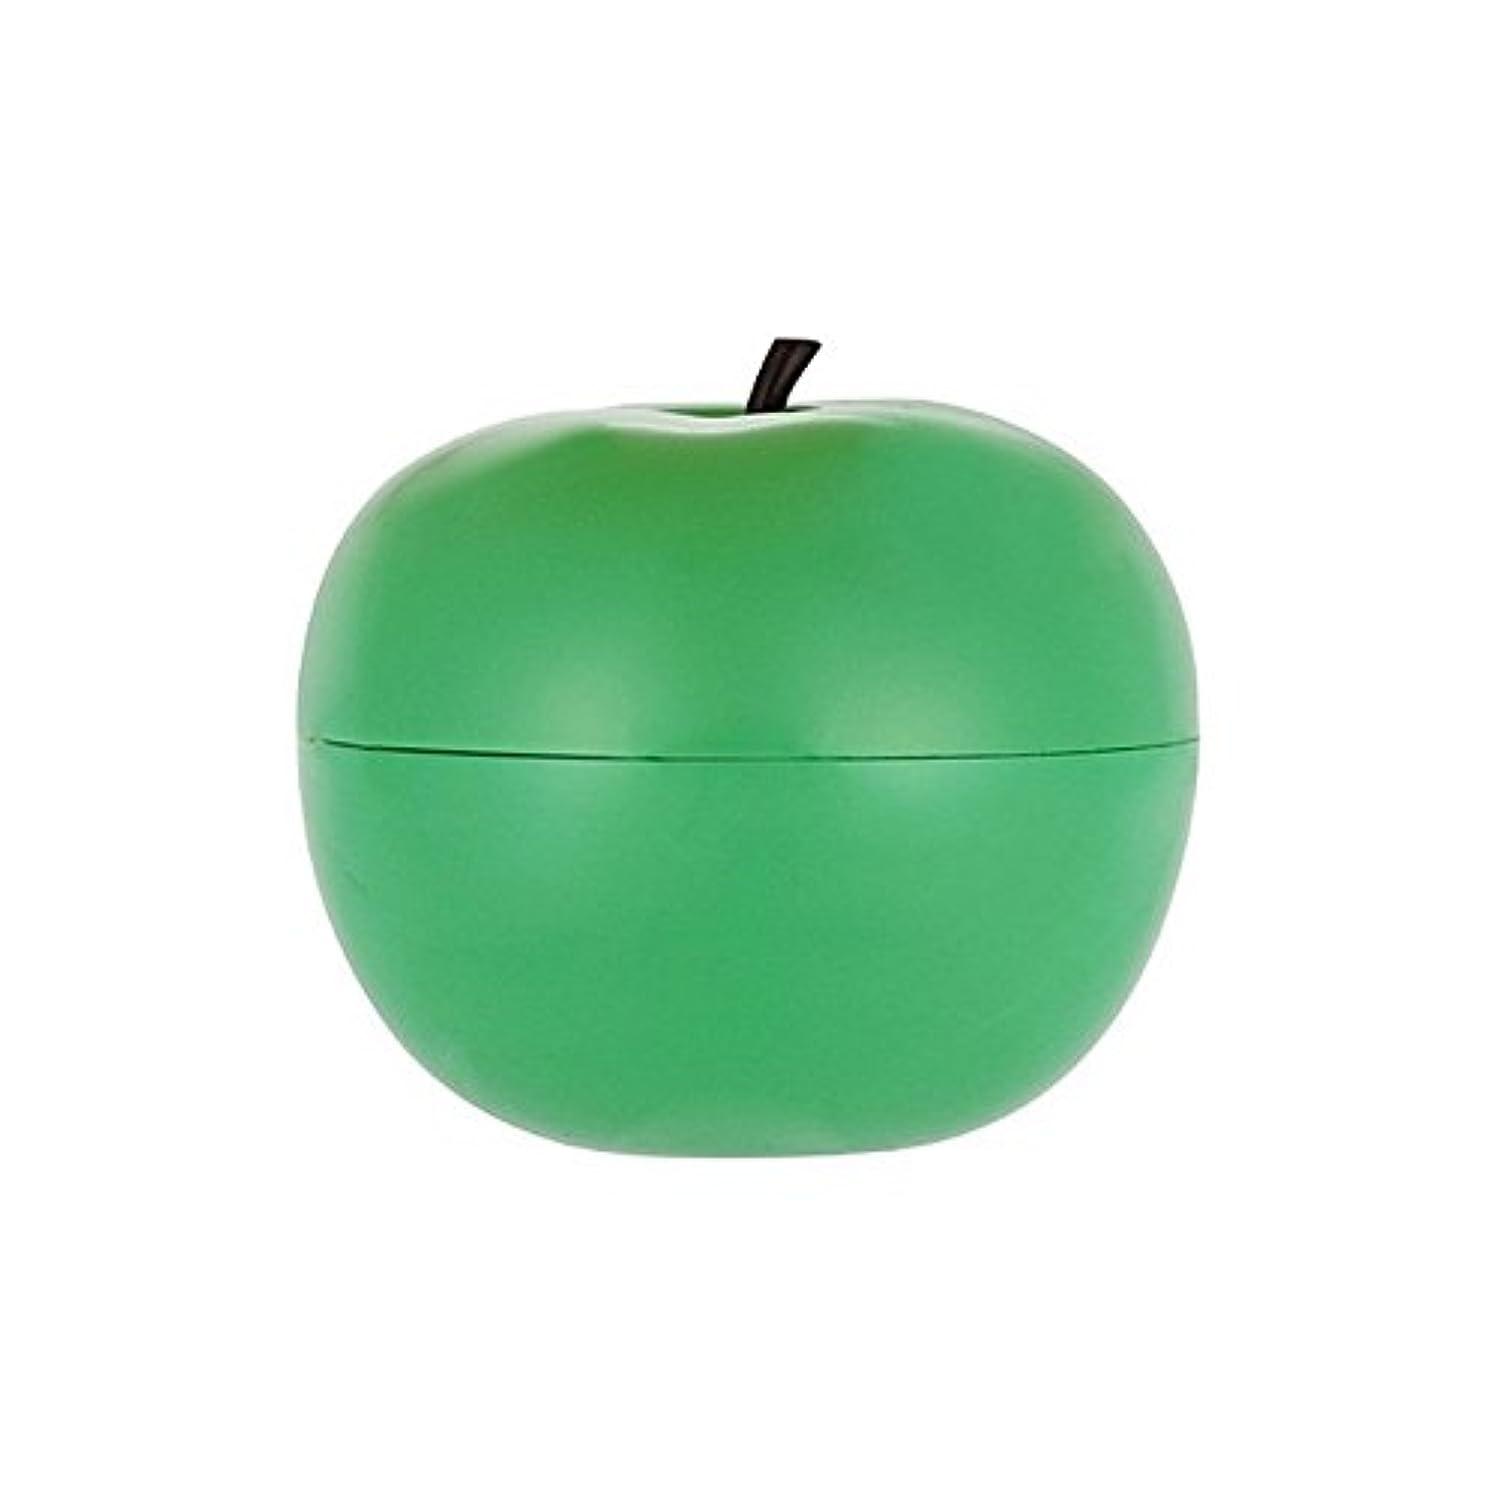 トニーモリースムーズマッサージピーリングクリーム80グラム x2 - Tony Moly Appletox Smooth Massage Peeling Cream 80G (Pack of 2) [並行輸入品]